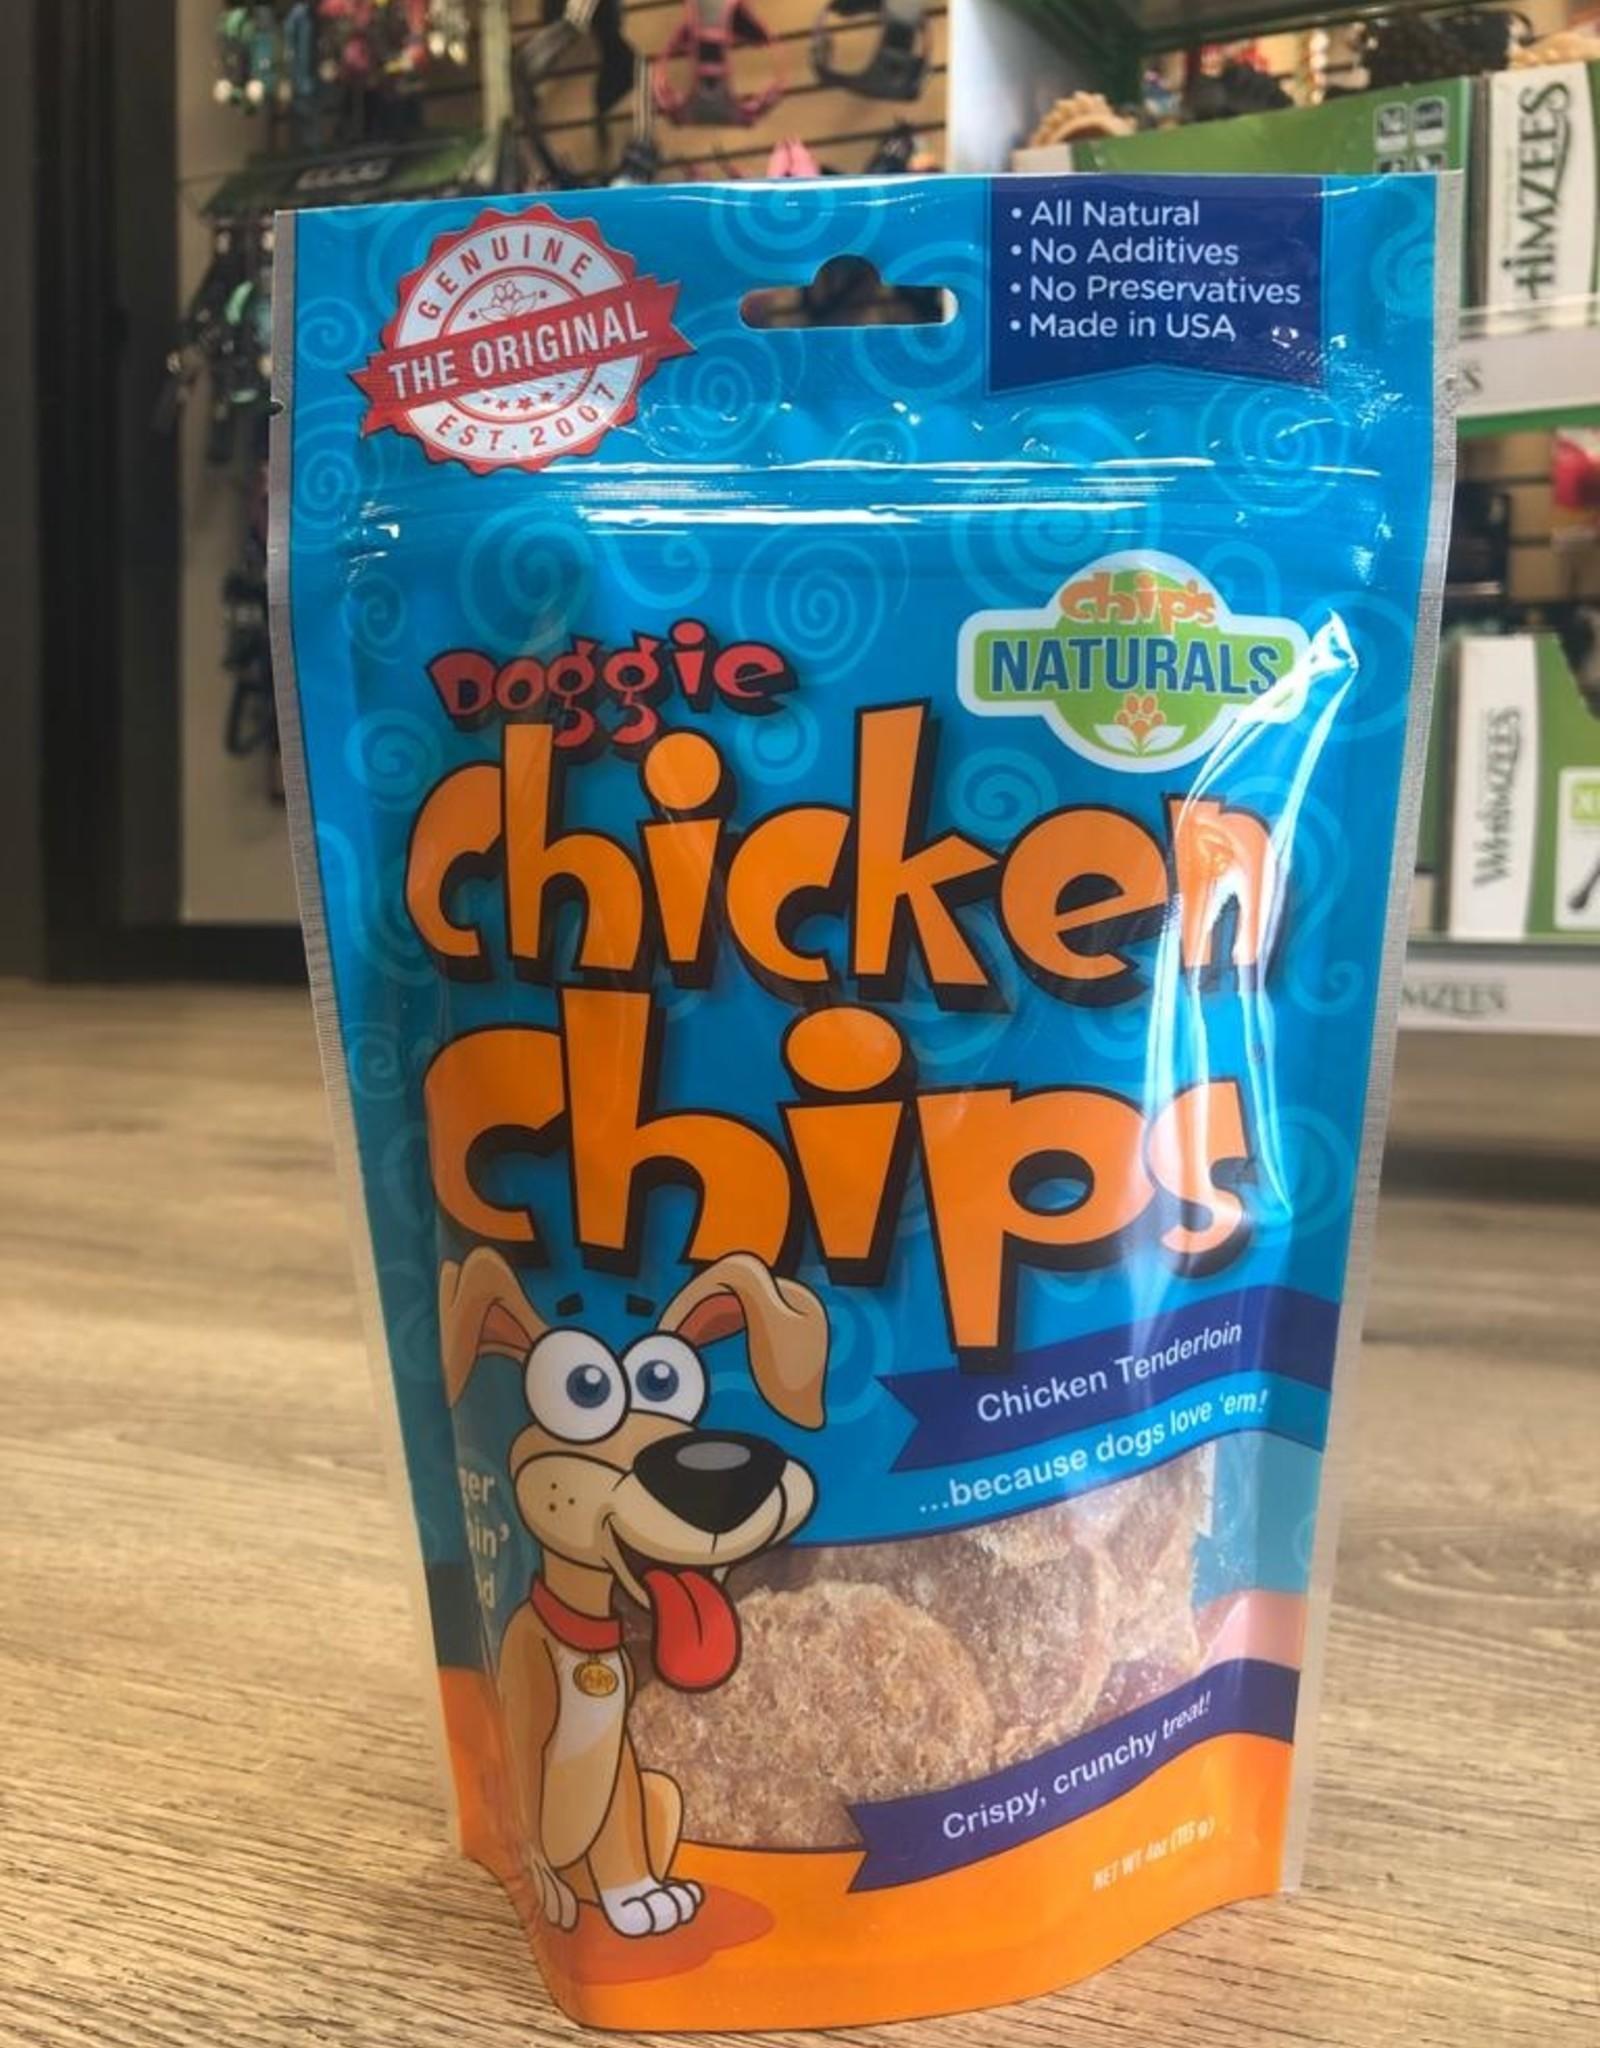 Chip's Naturals Chip's Naturals Doggie Chicken Chips